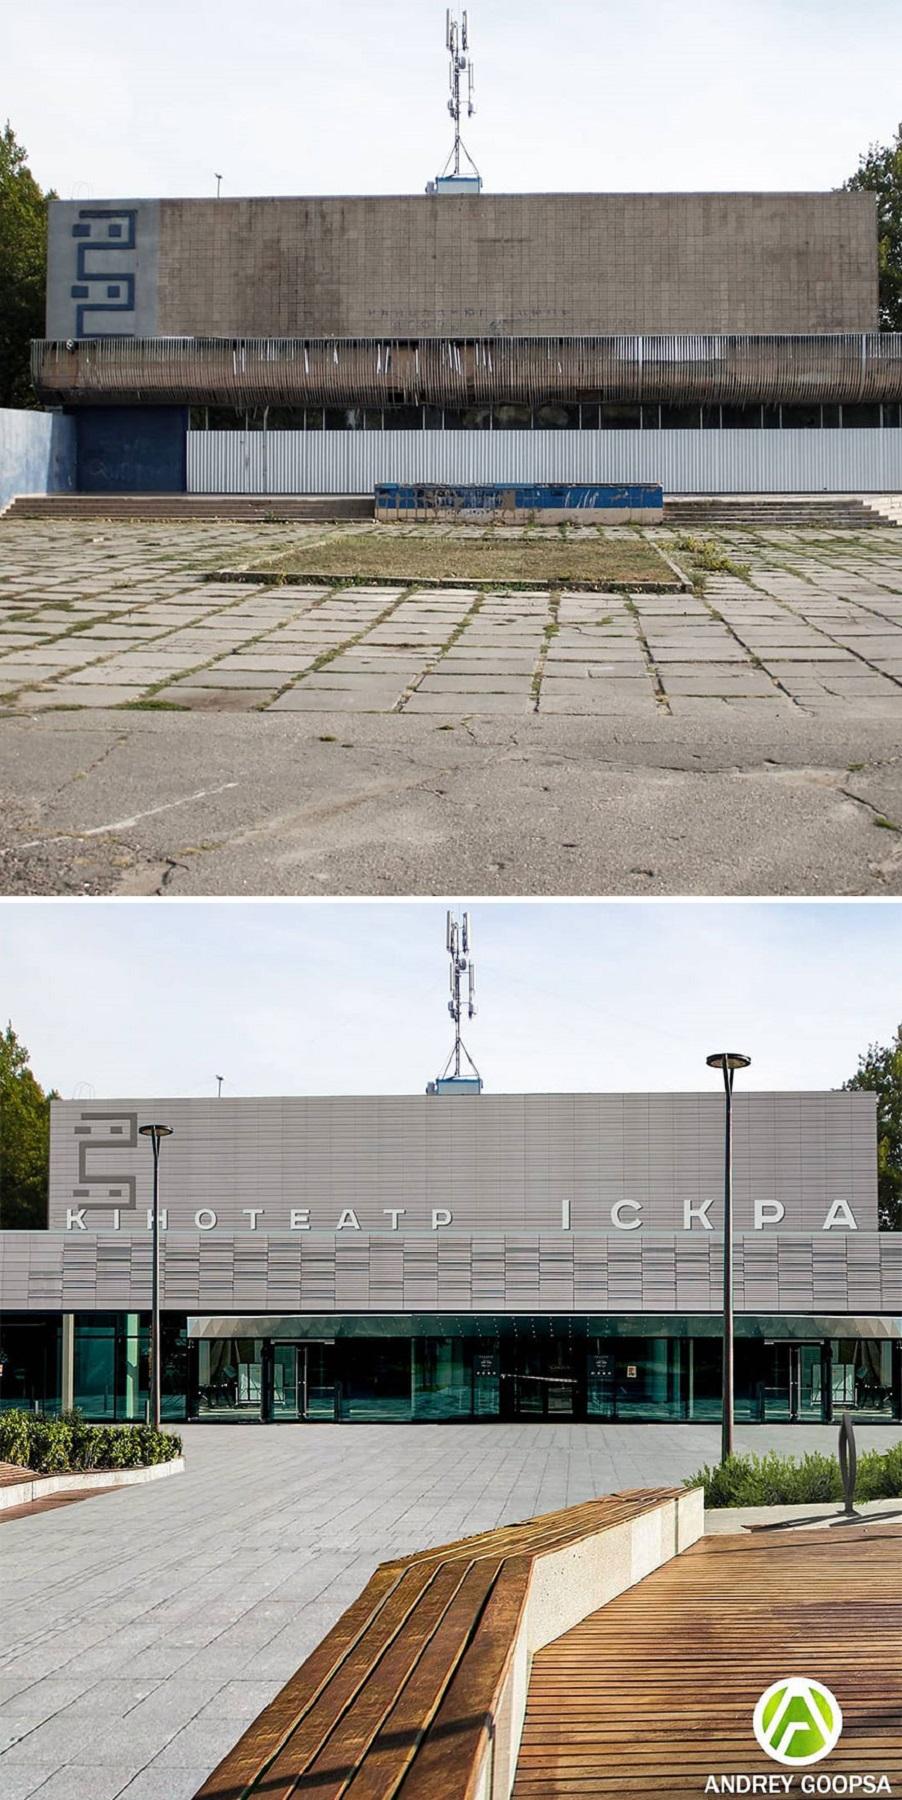 Andrey Goopsa artista mostra com antes e depois como paises pos sovieticos deveriam ser hoje 8